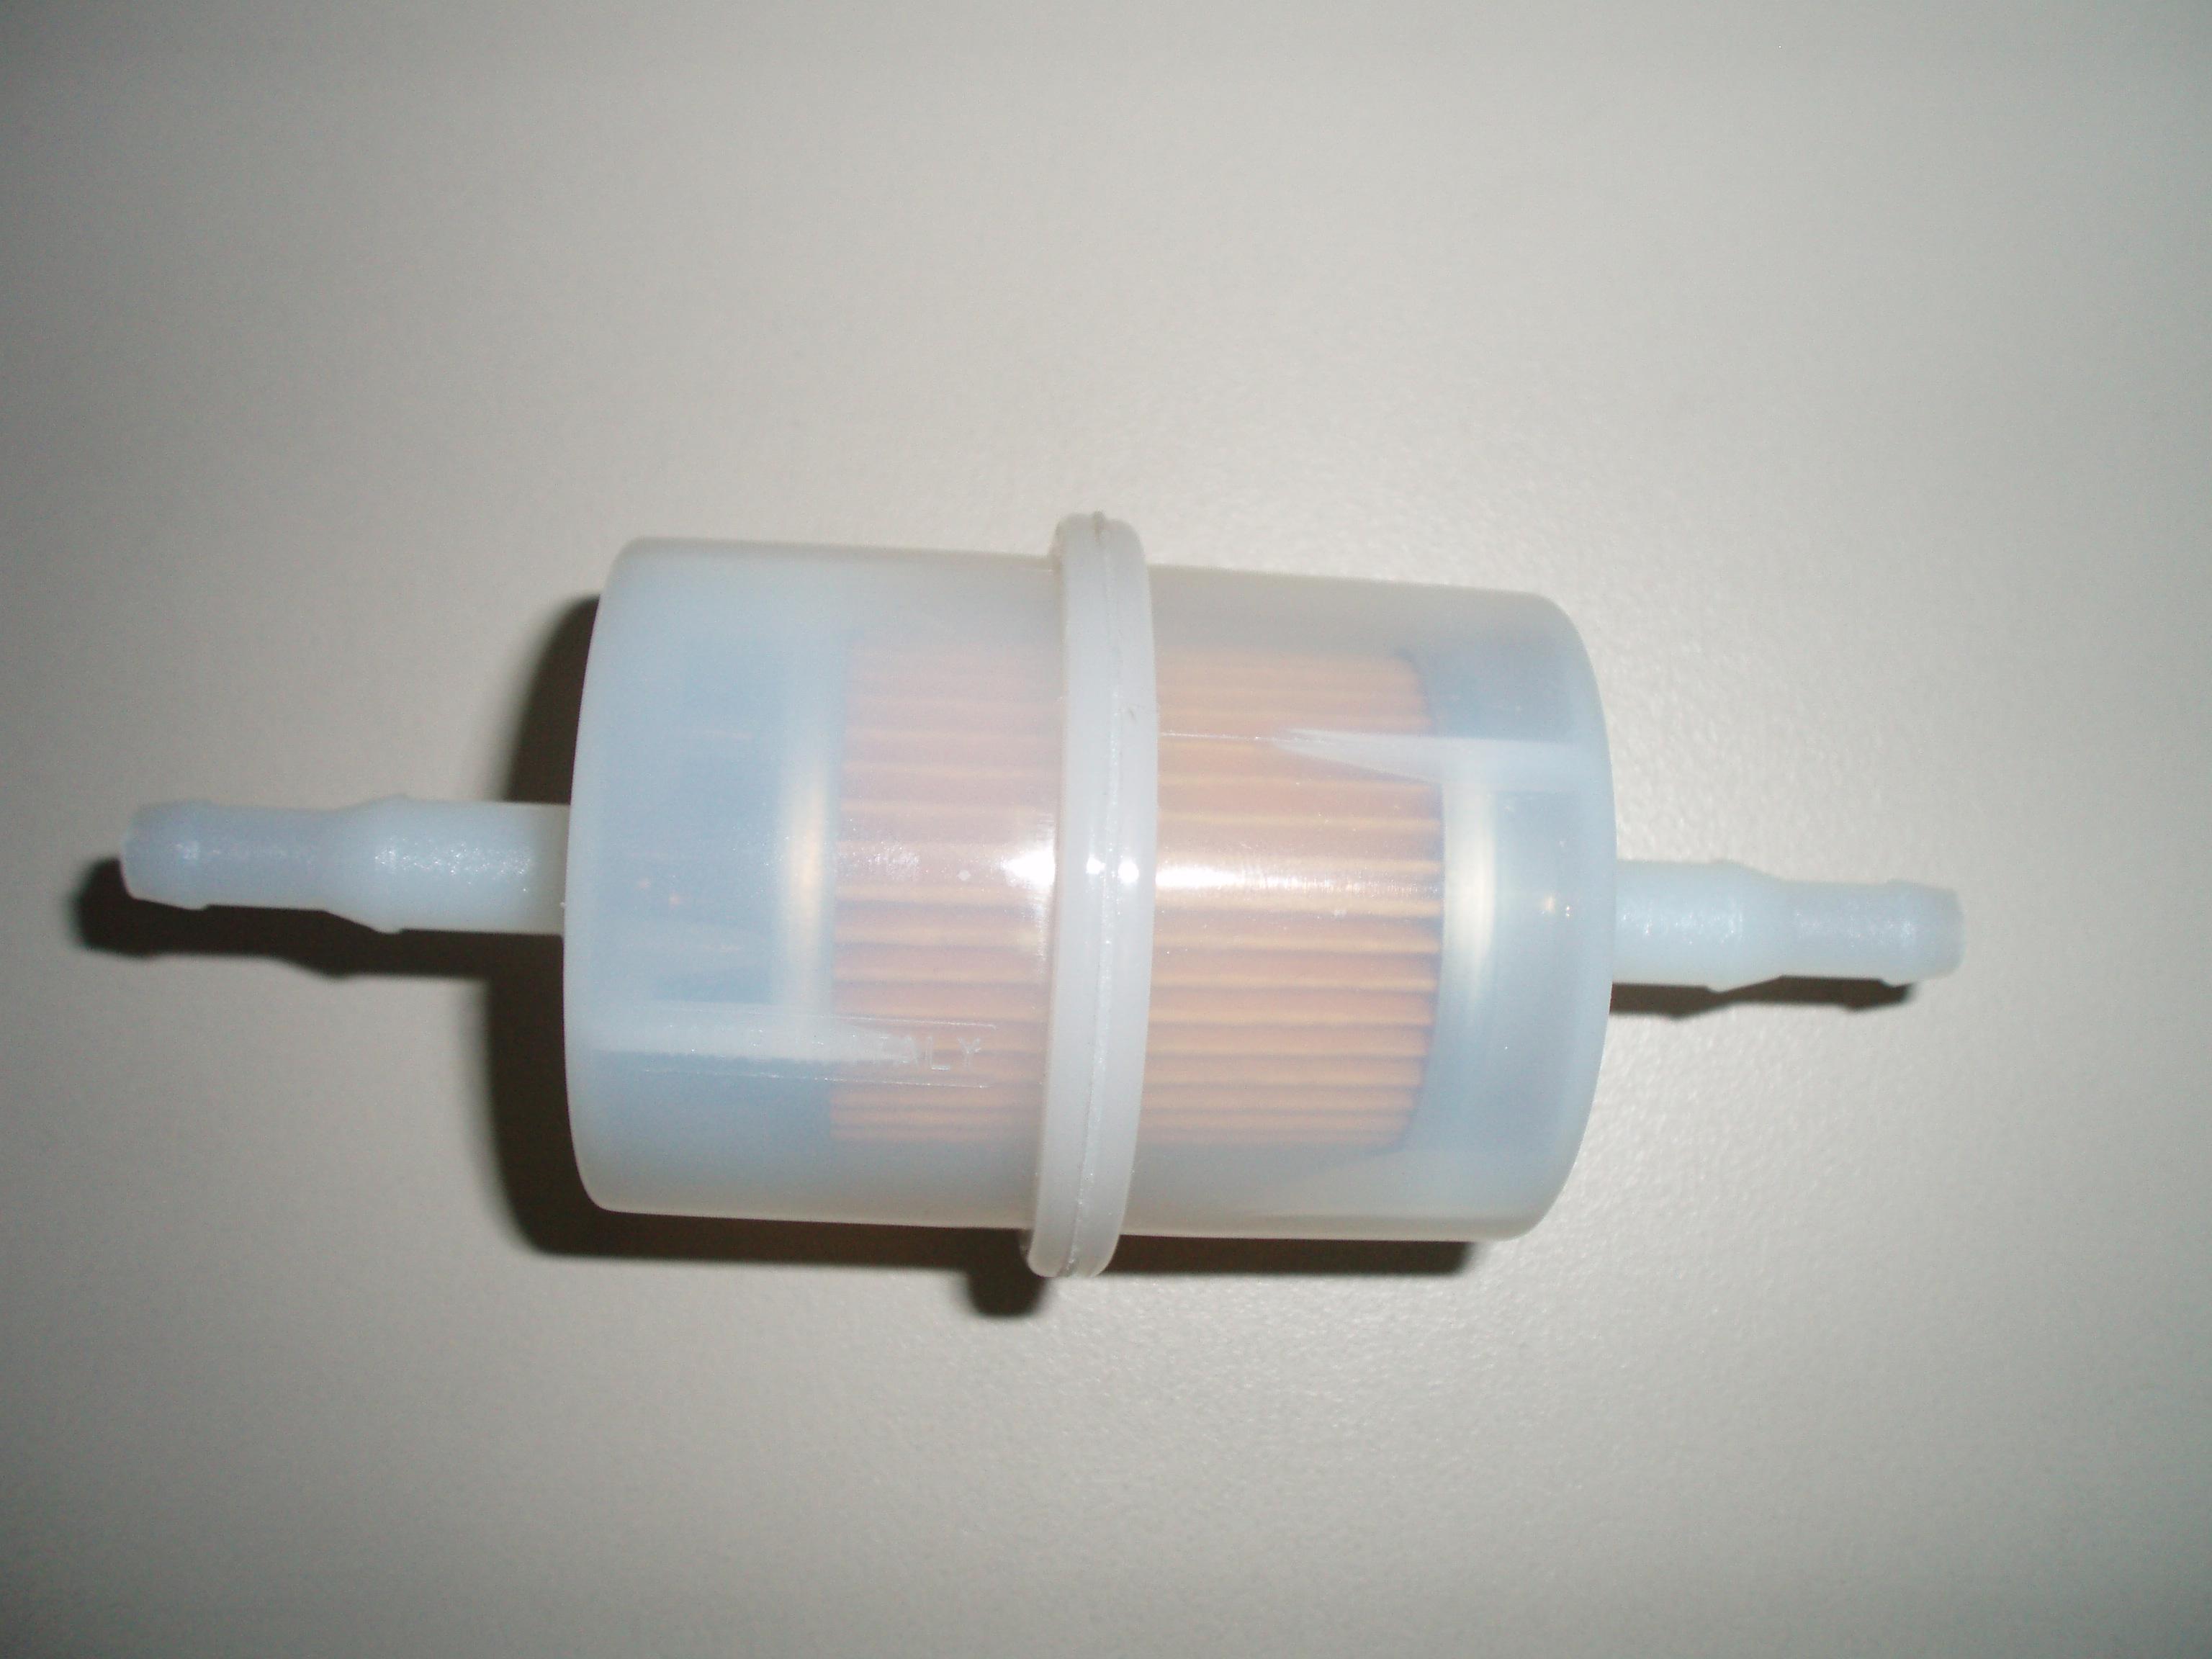 Prefiltre carburant tous moteur LOMBARDINI 3730121 ED0037301210-S KOHLER 24 050 13-S RUGGERINI ACME SLANZI VM Motori ...(Tube Ø6mm)